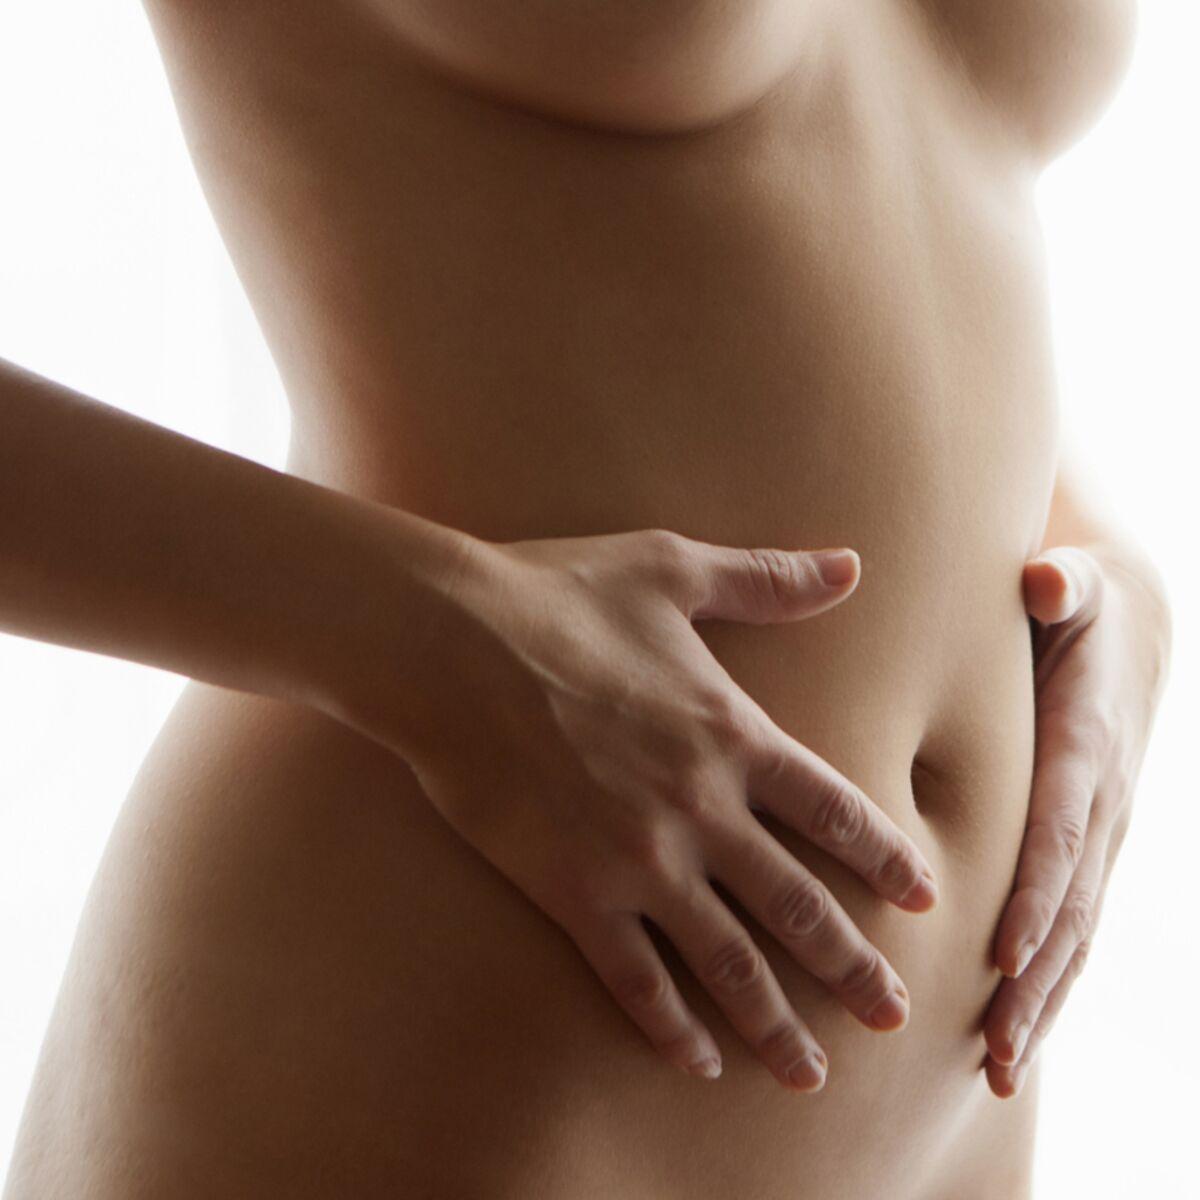 comment perdre la graisse du ventre des hommes rapides perte de poids fort espagnol